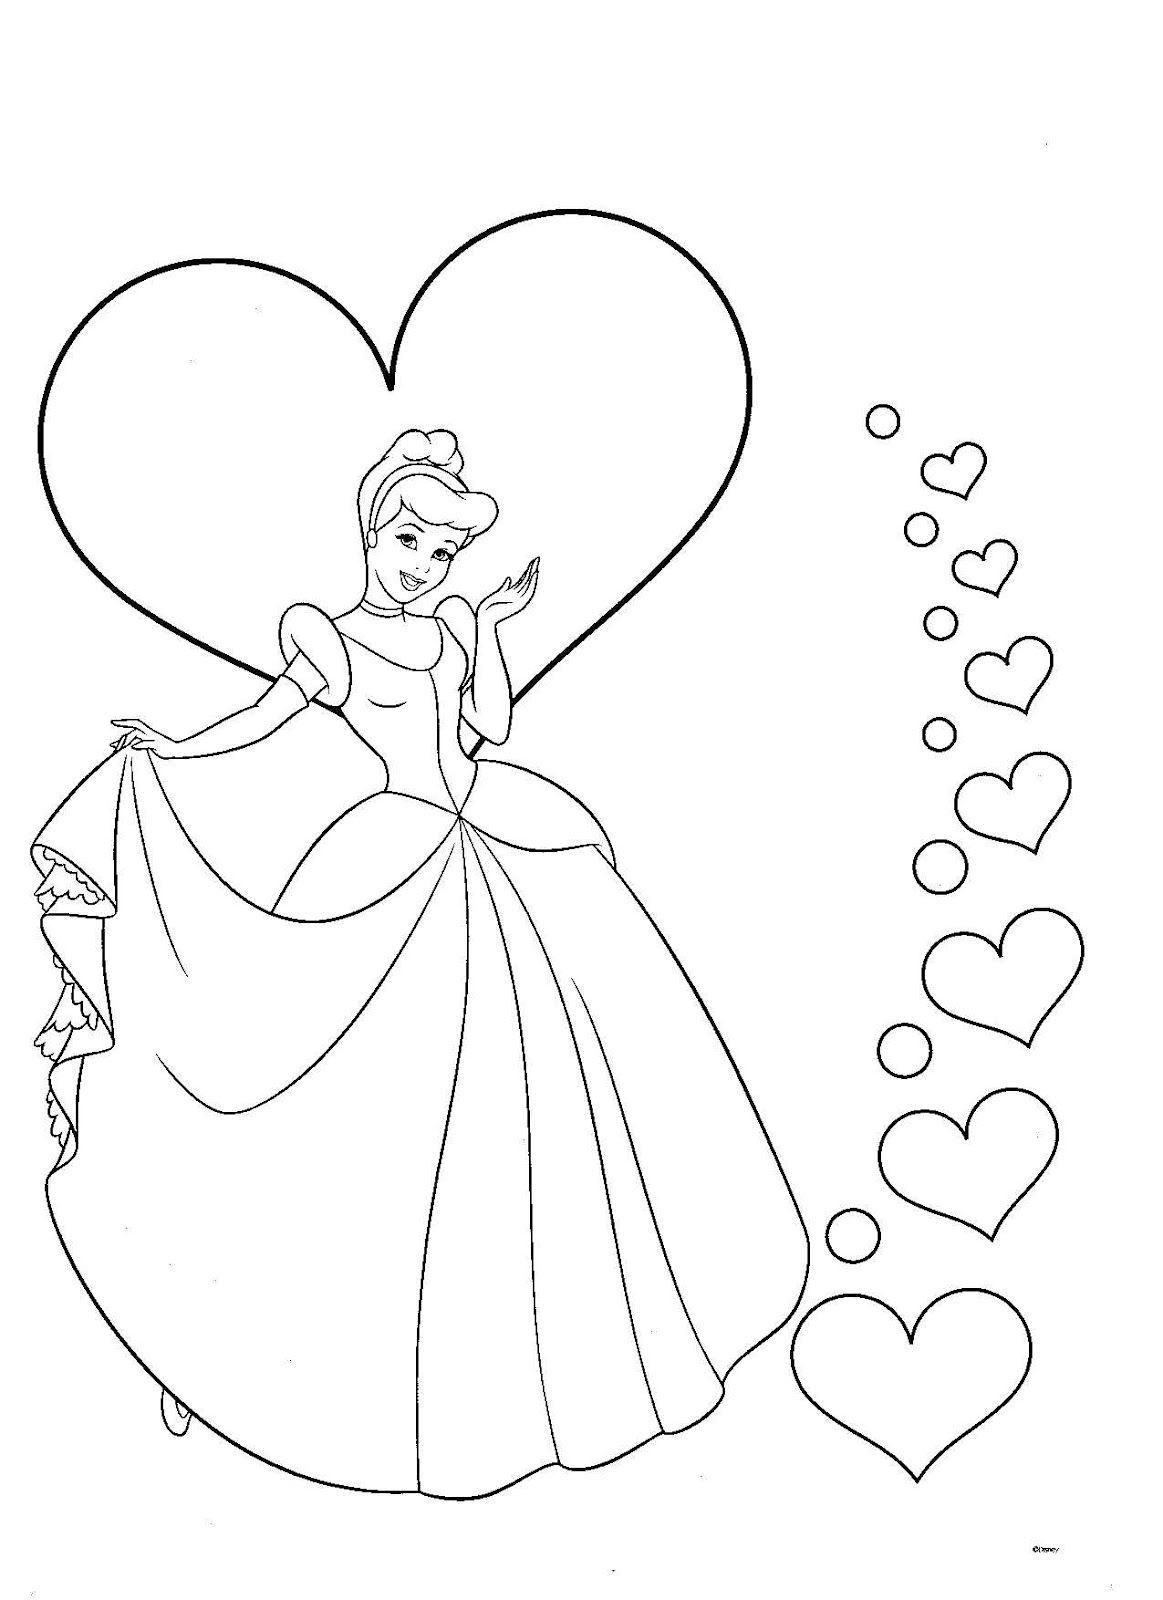 dibujo de princesa para colorear